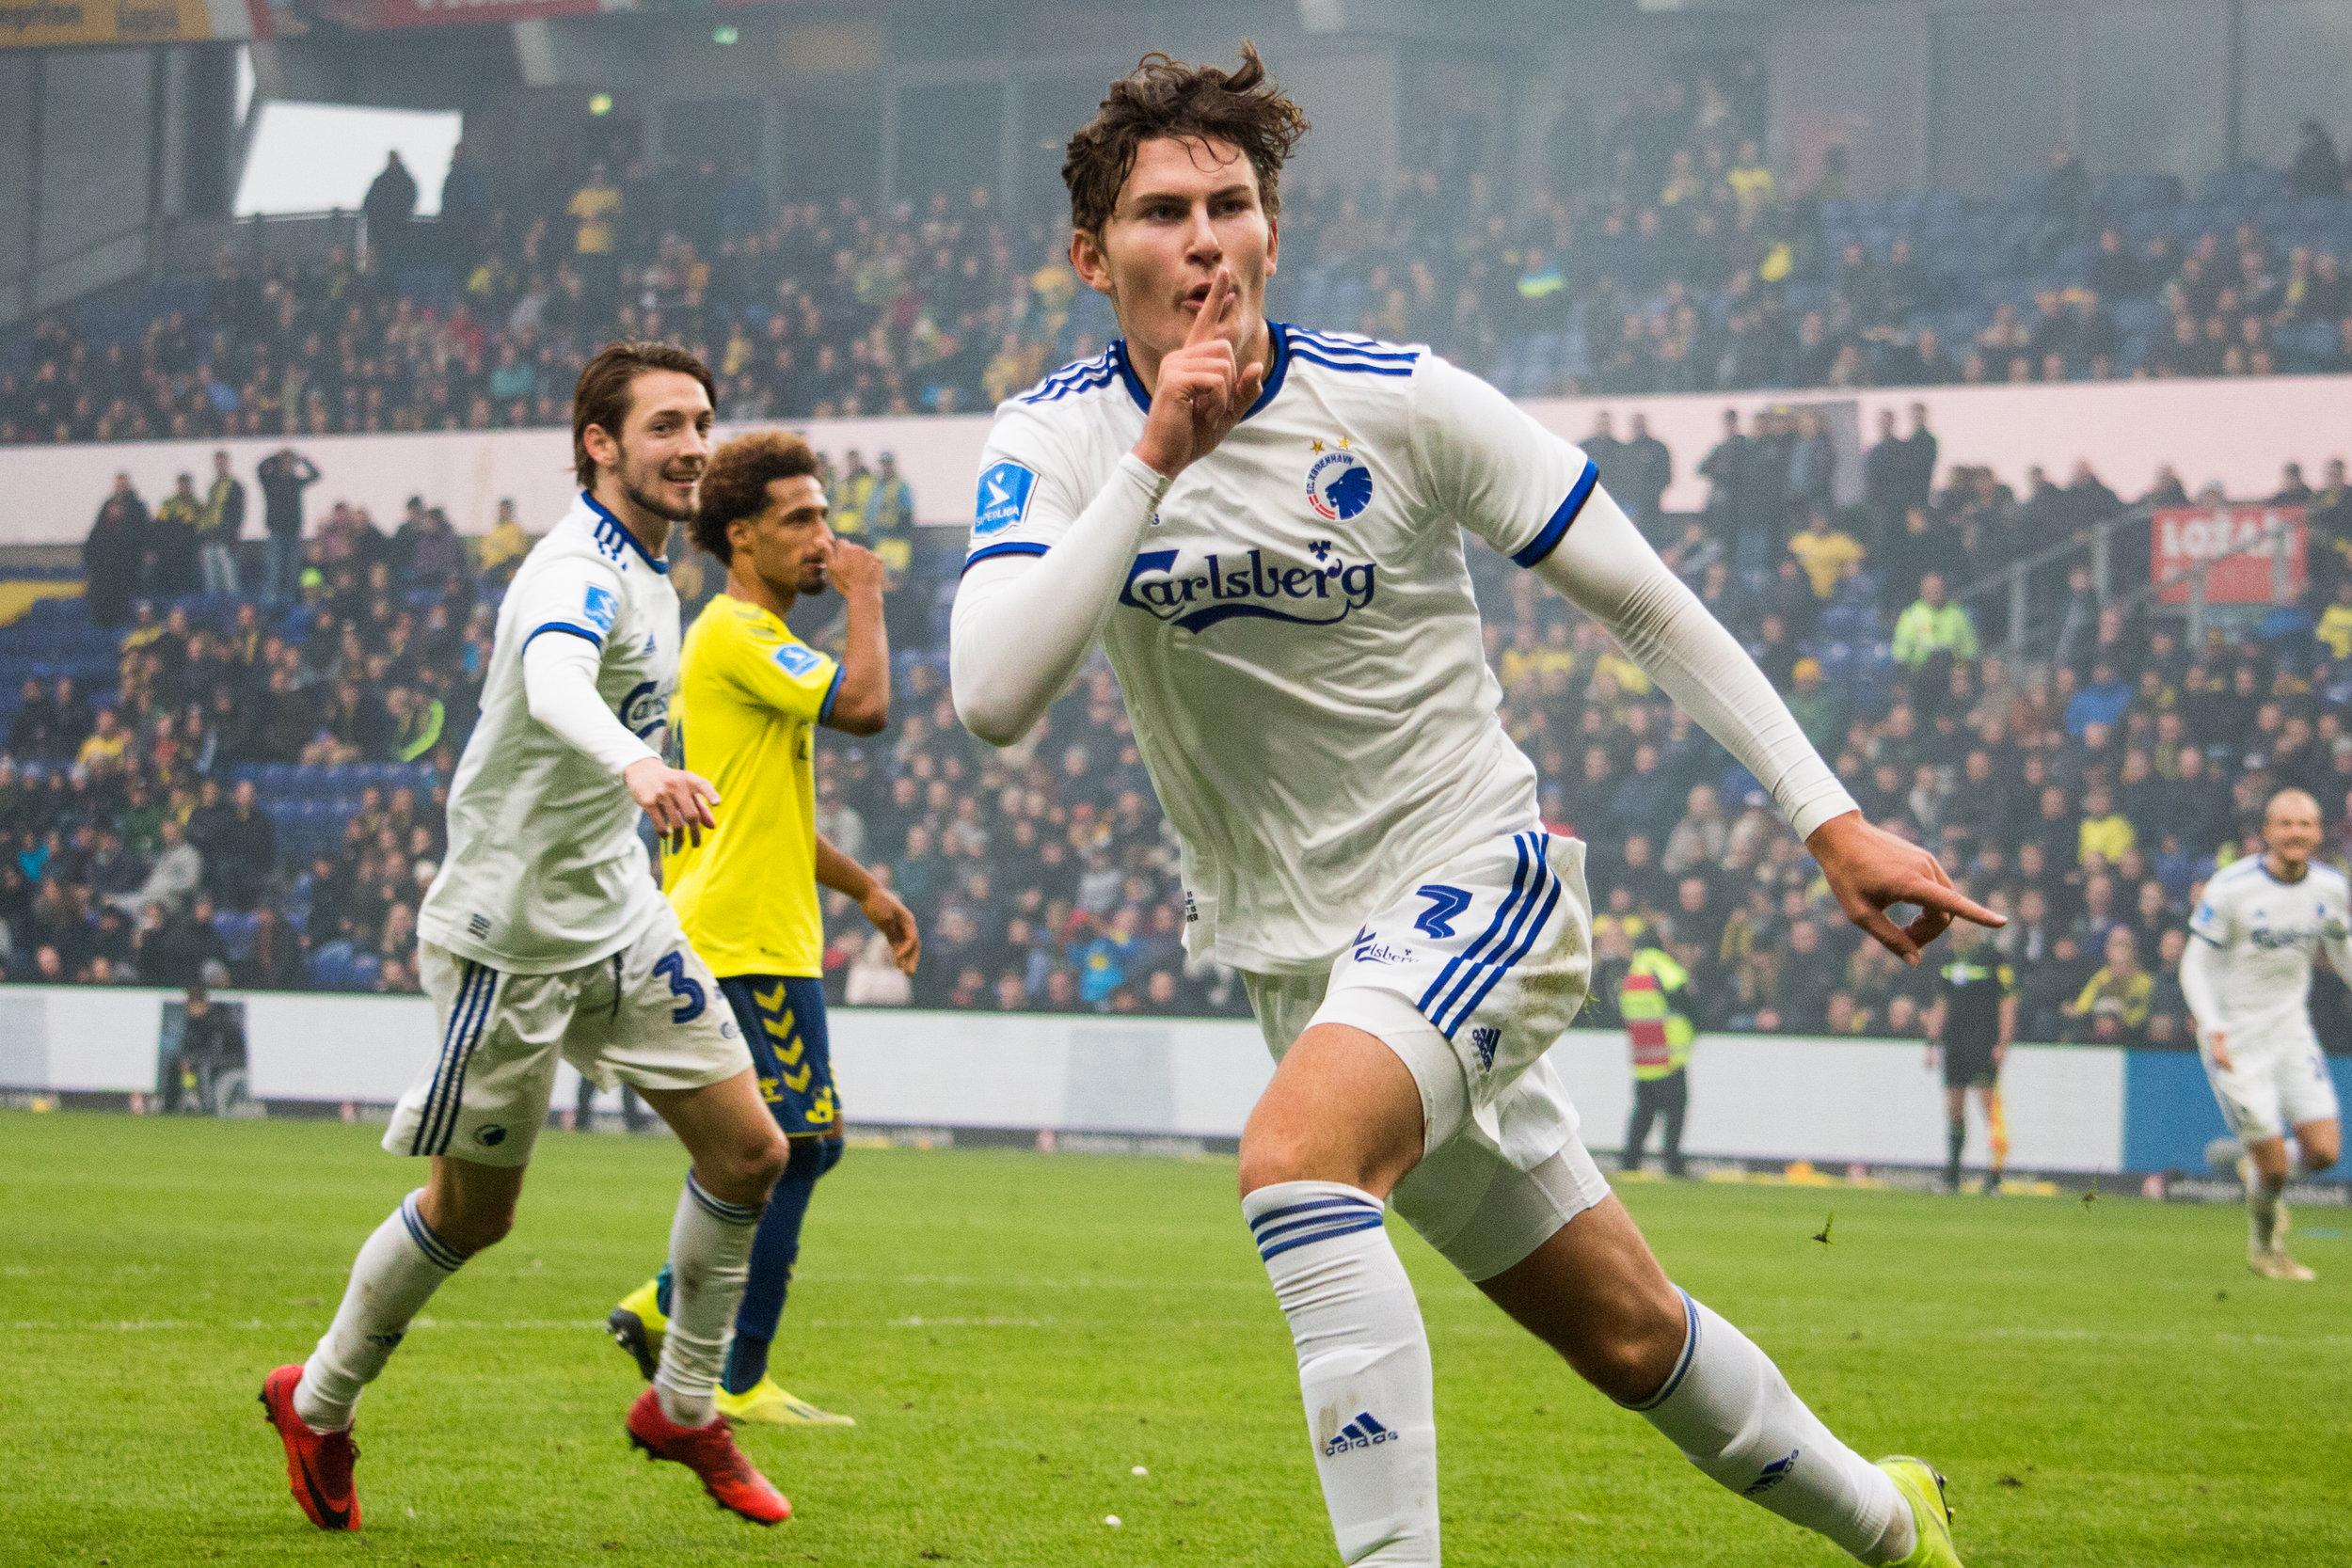 Jonas Wind lukker kæften på Sydsiden. Eftertrykkeligt! Brøndby iF - F.C. København : 0-1. 4. november 2018.